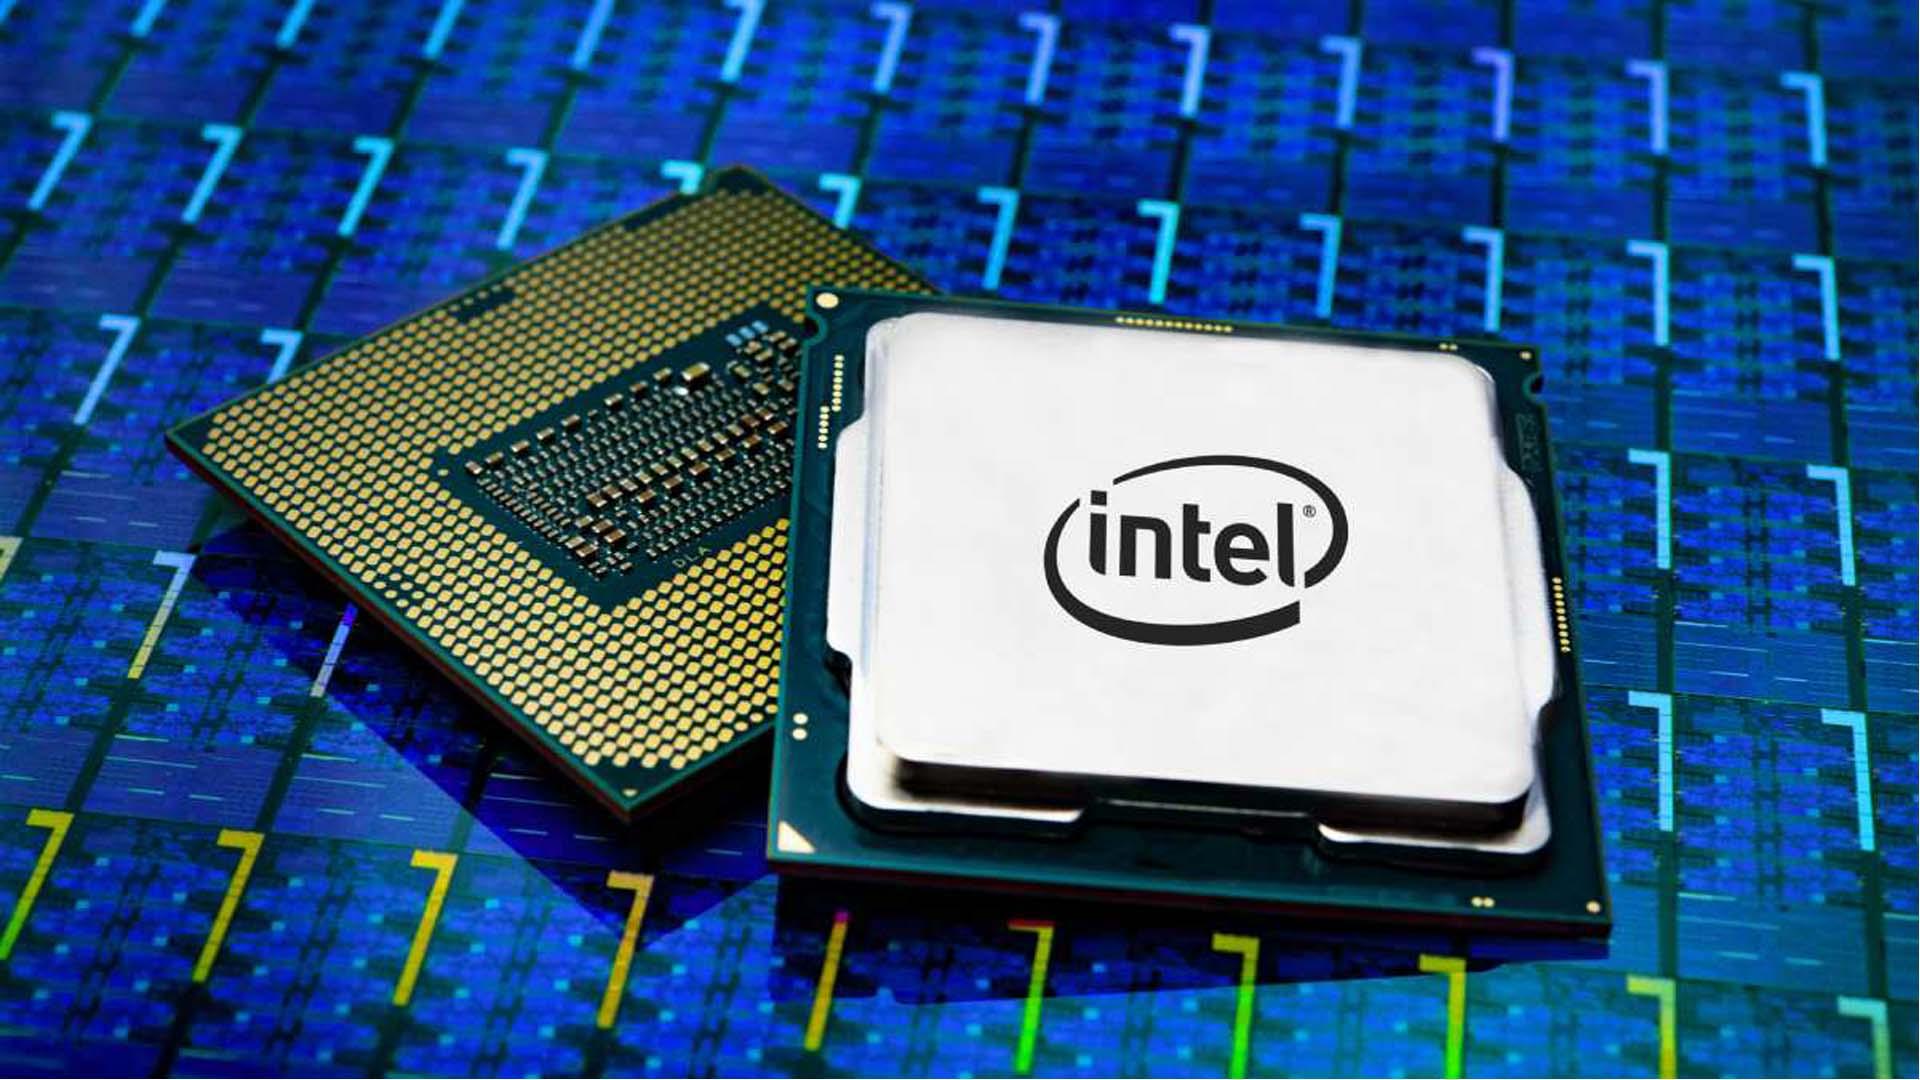 معالجات الخوادم Ice Lake-SP من شركة Intel ستتأخر للربع الأول من 2021